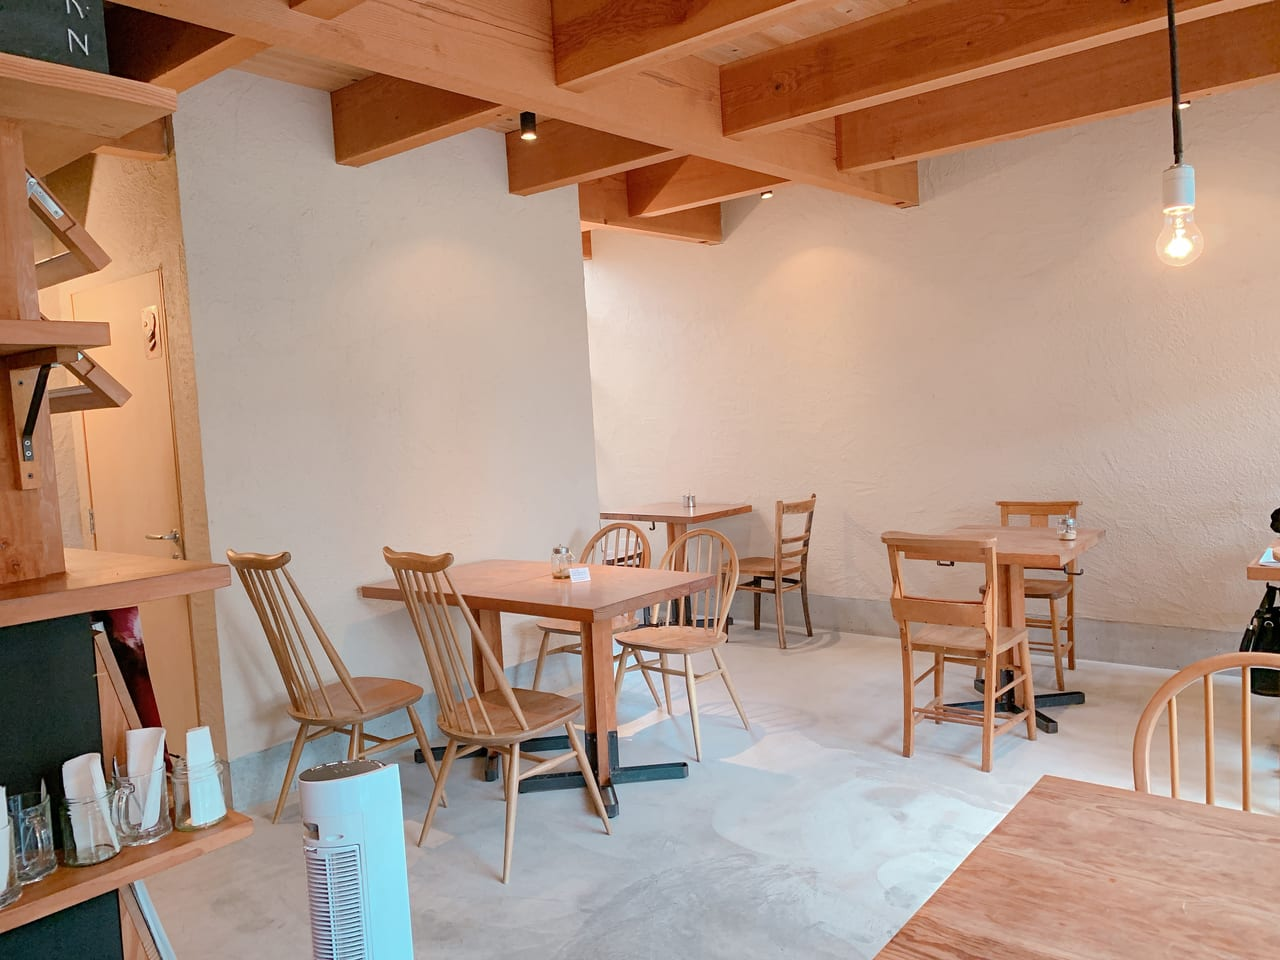 2019年姫路カフェPARLAND COFFEE内観